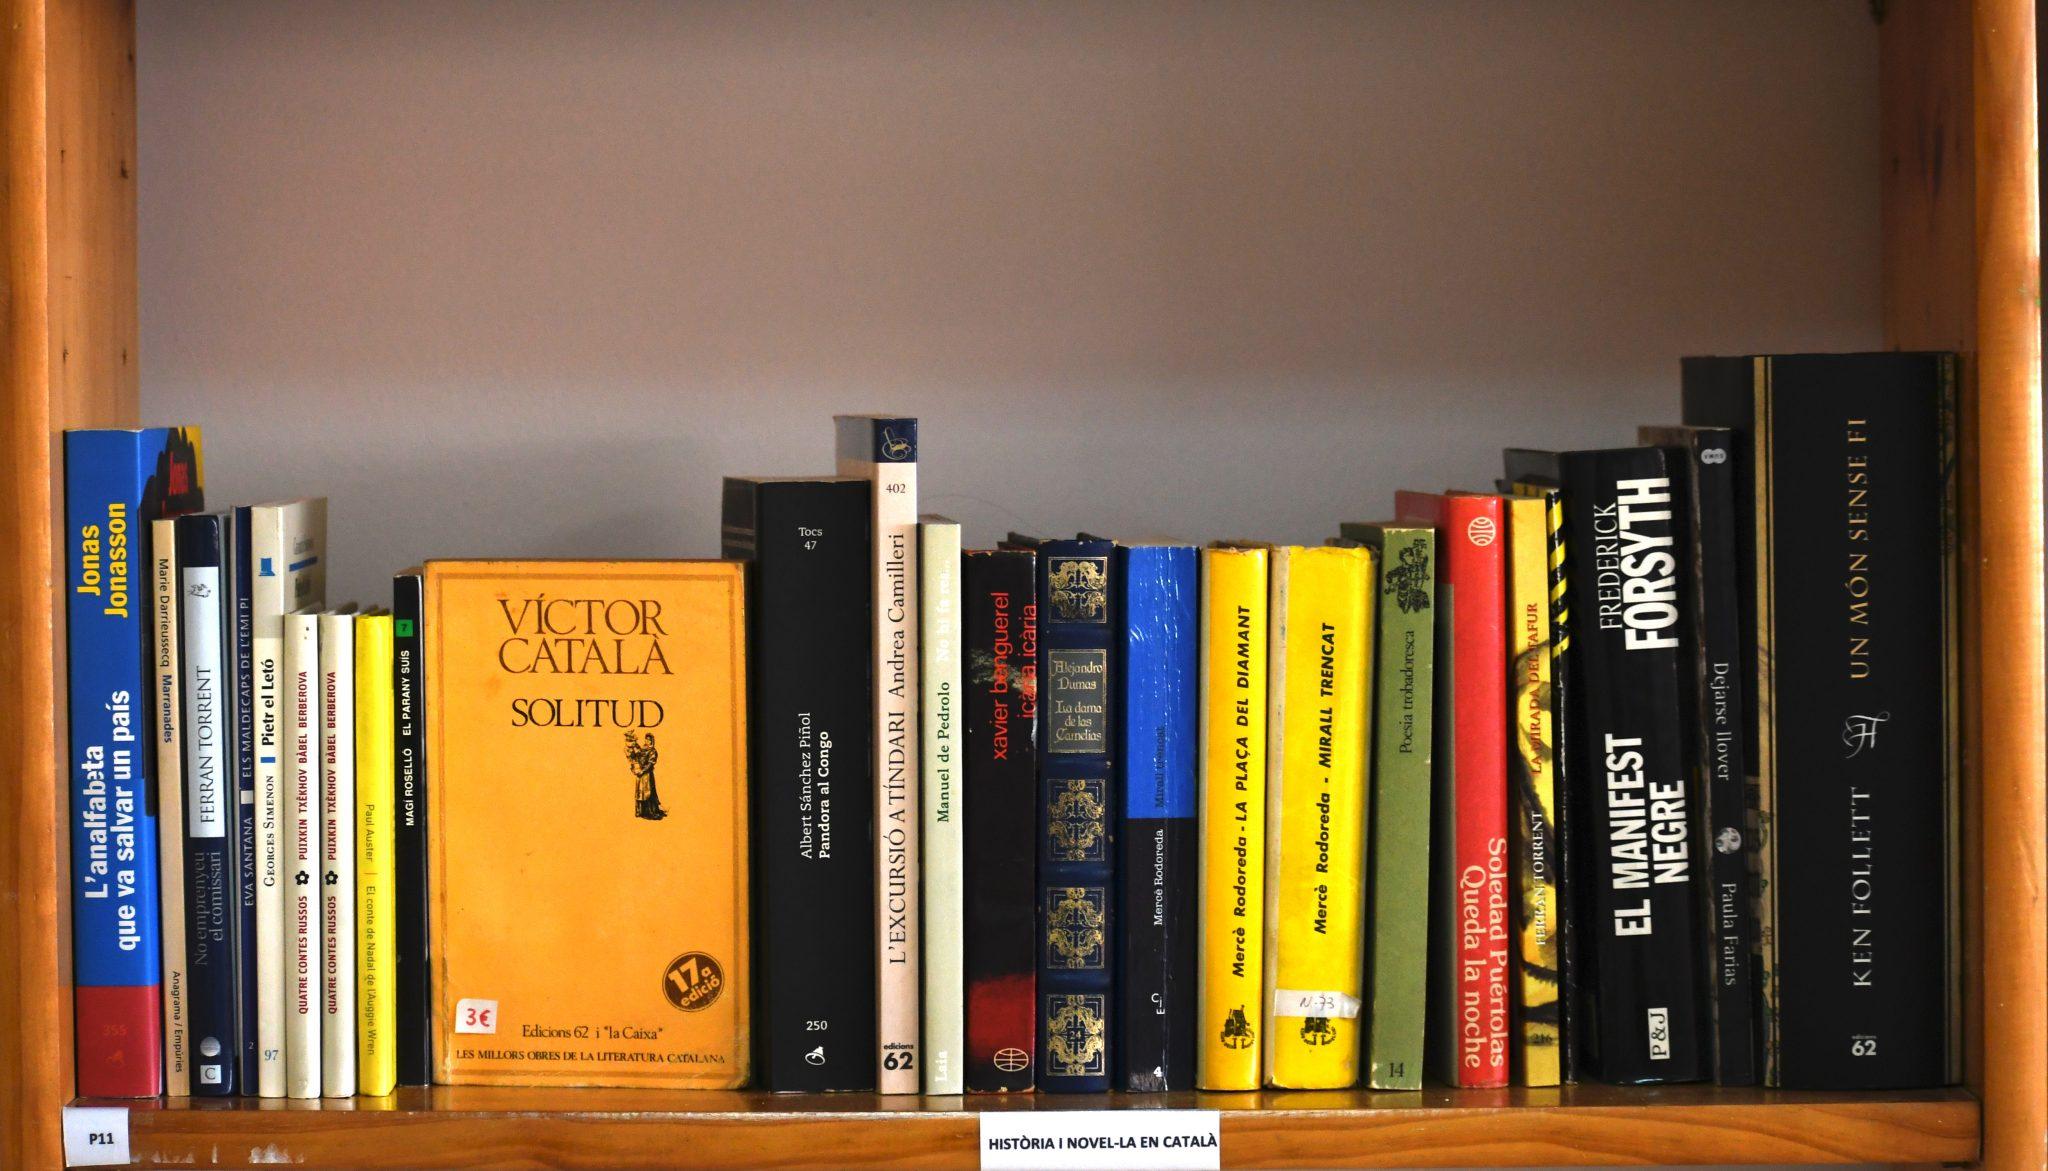 Història i novel·la en català